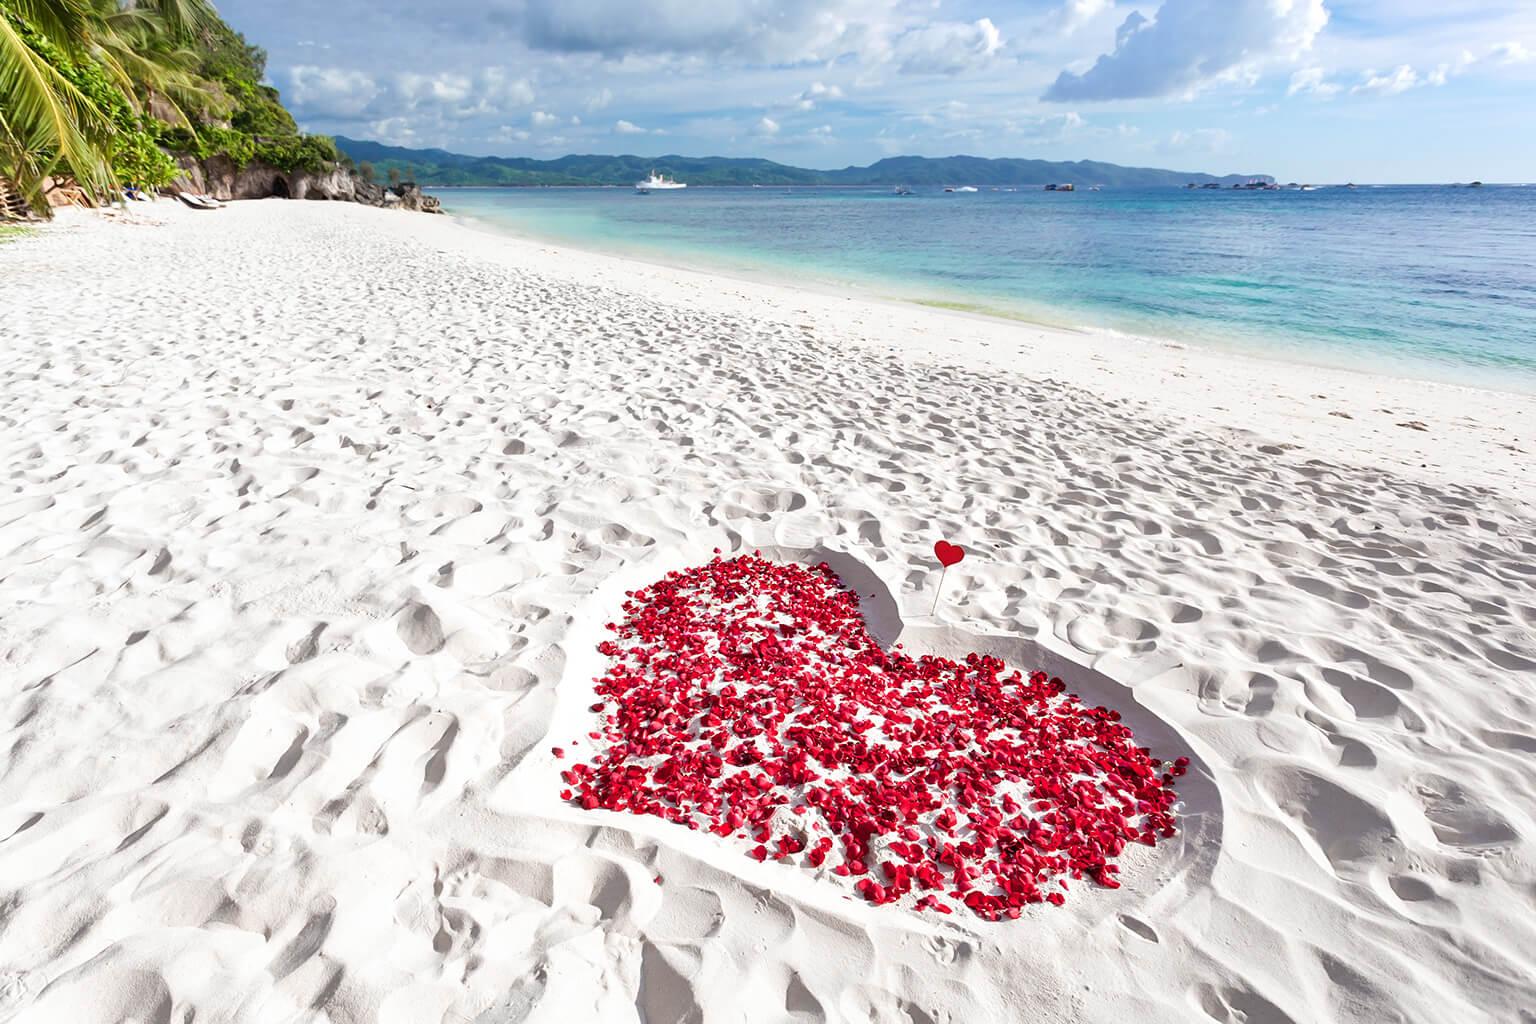 Corazón hecho en la playa junto al mar ,relleno de pétalos de rosa.